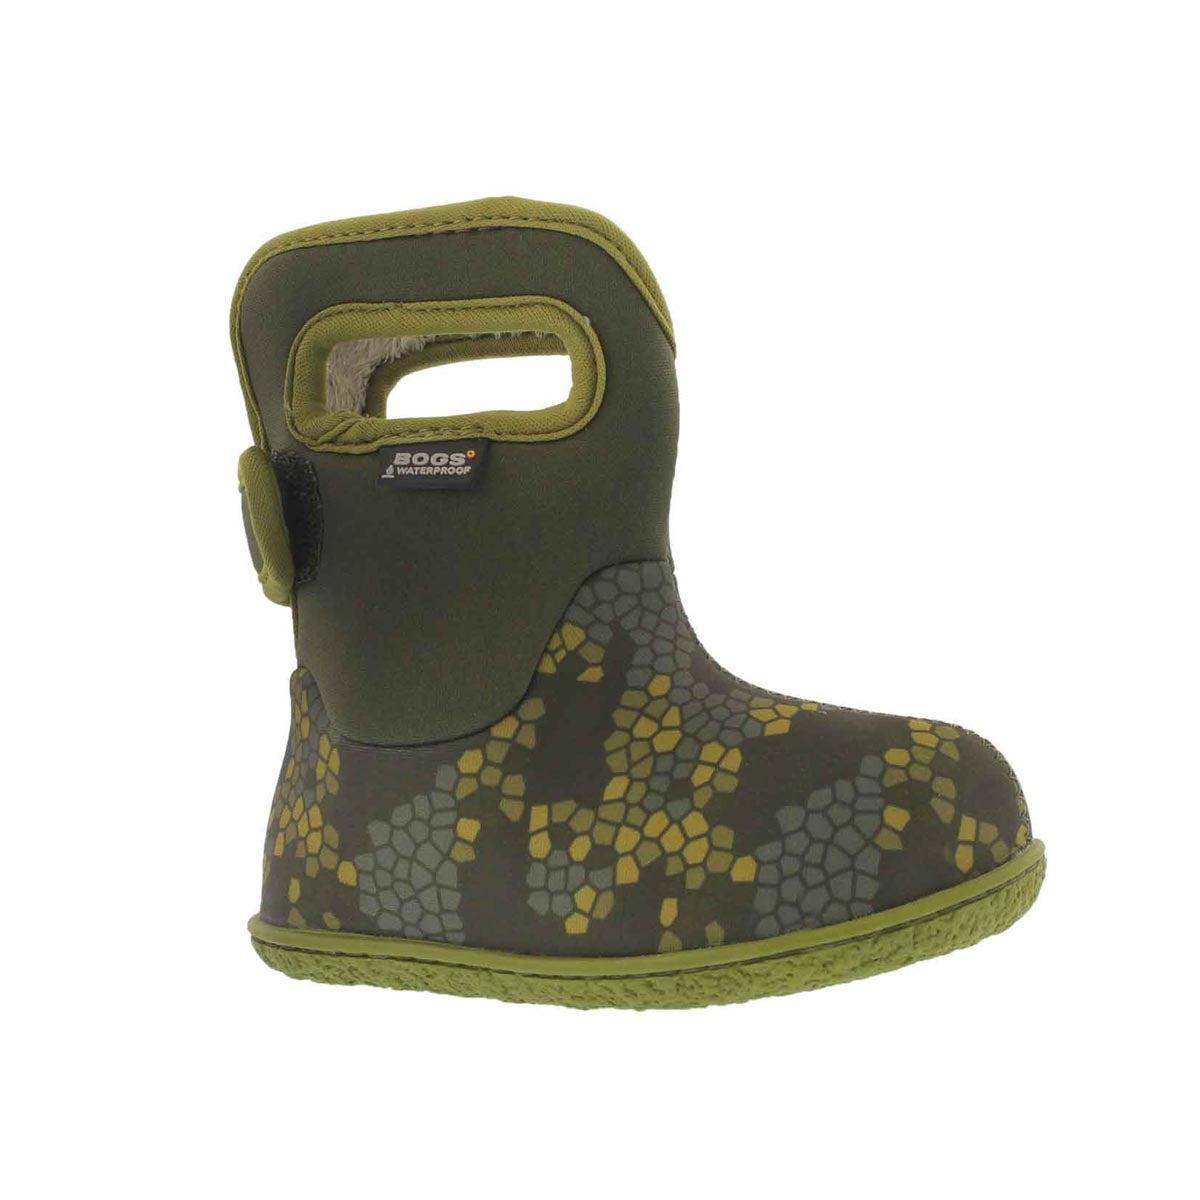 Infants' AXEL moss multi waterproof boots